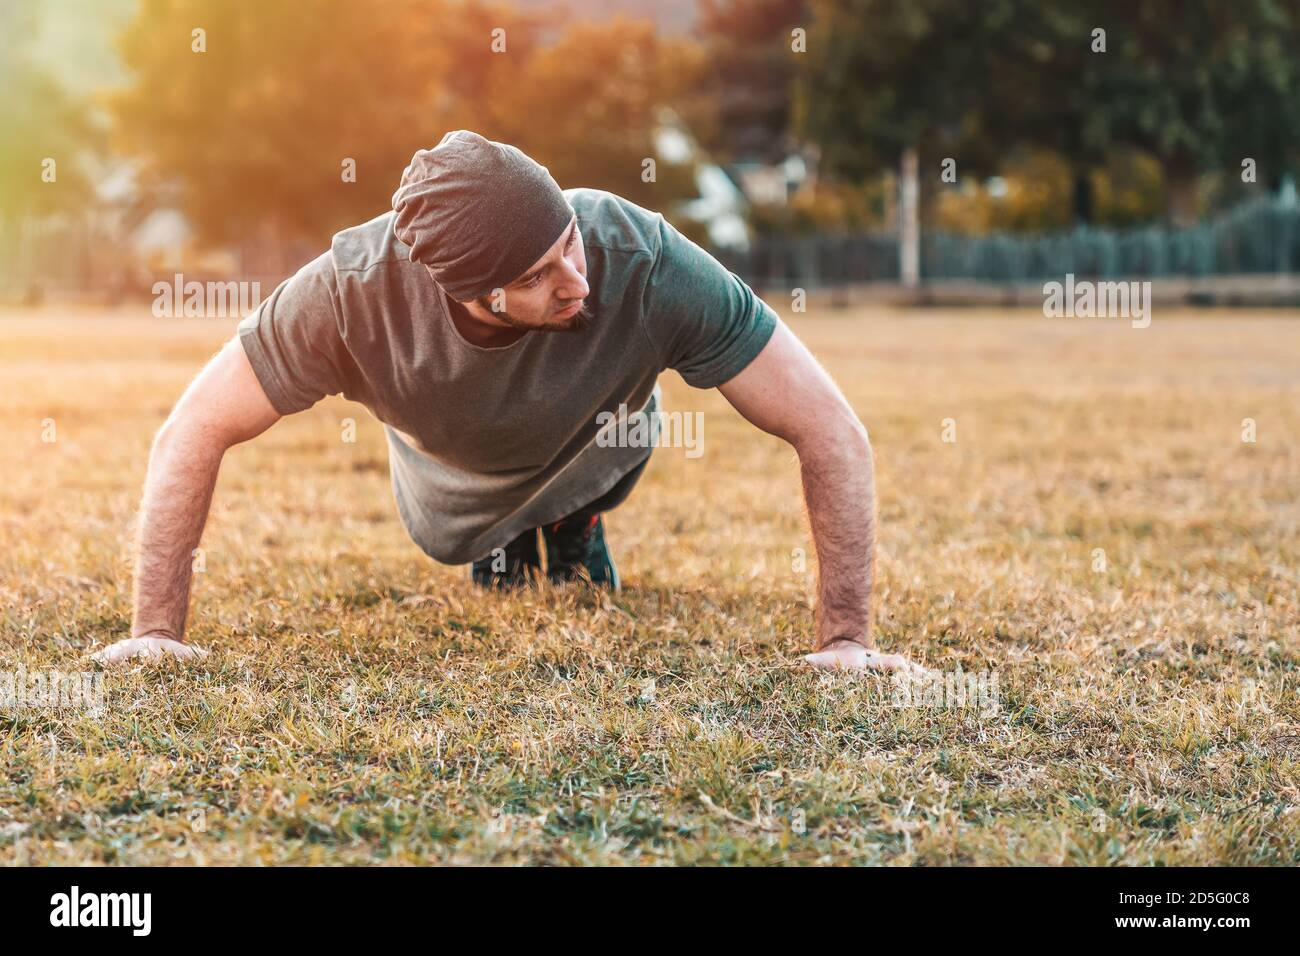 Sports et yoga. Un homme dans les push-up de sport pendant l'entraînement. Parc et arbres en arrière-plan. Copier l'espace. Banque D'Images